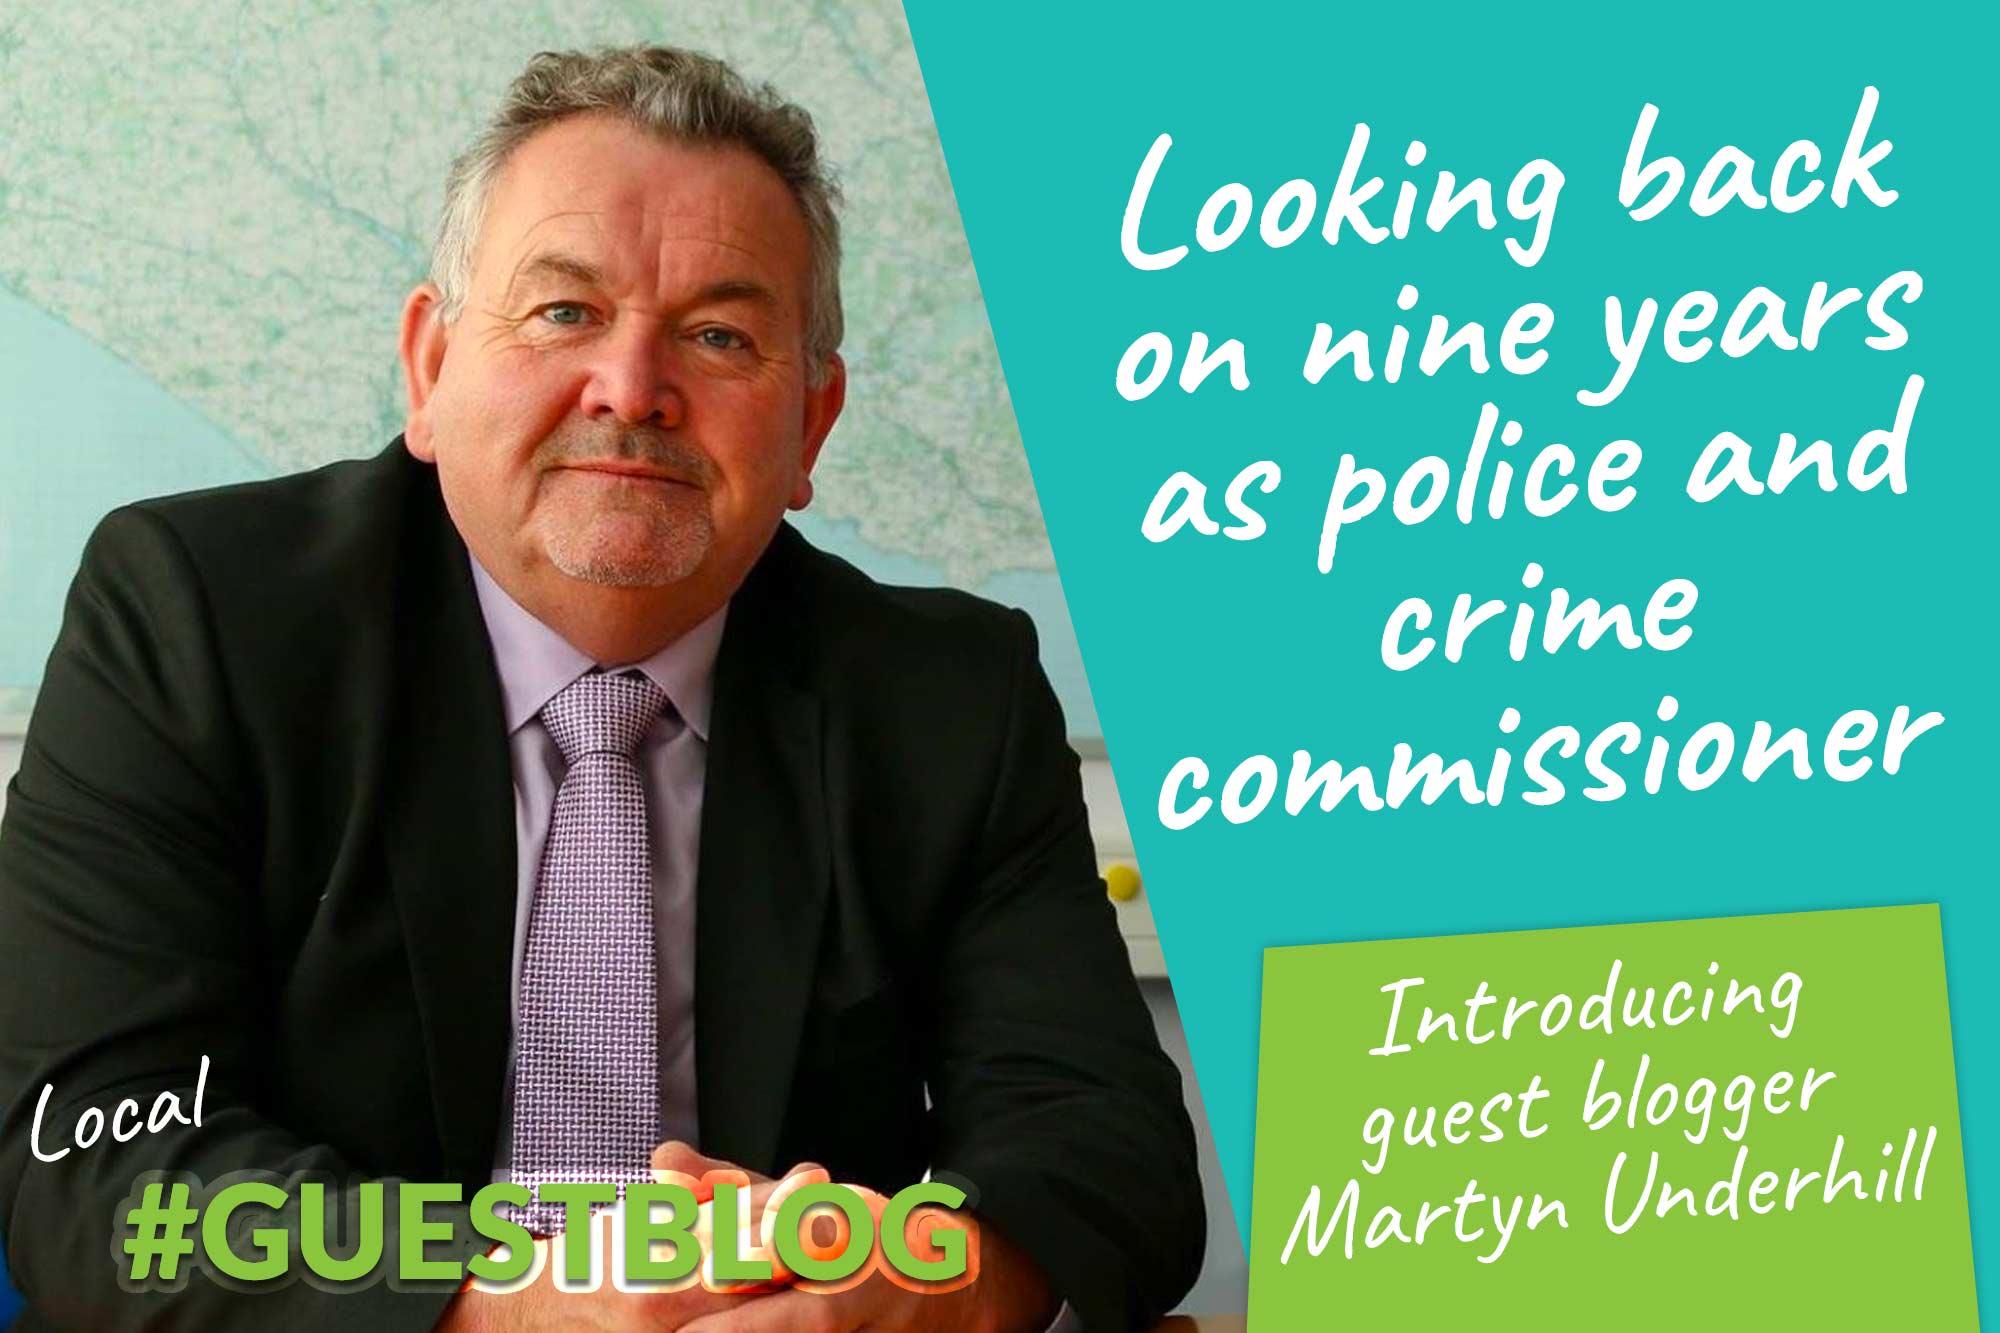 Martin Underhill